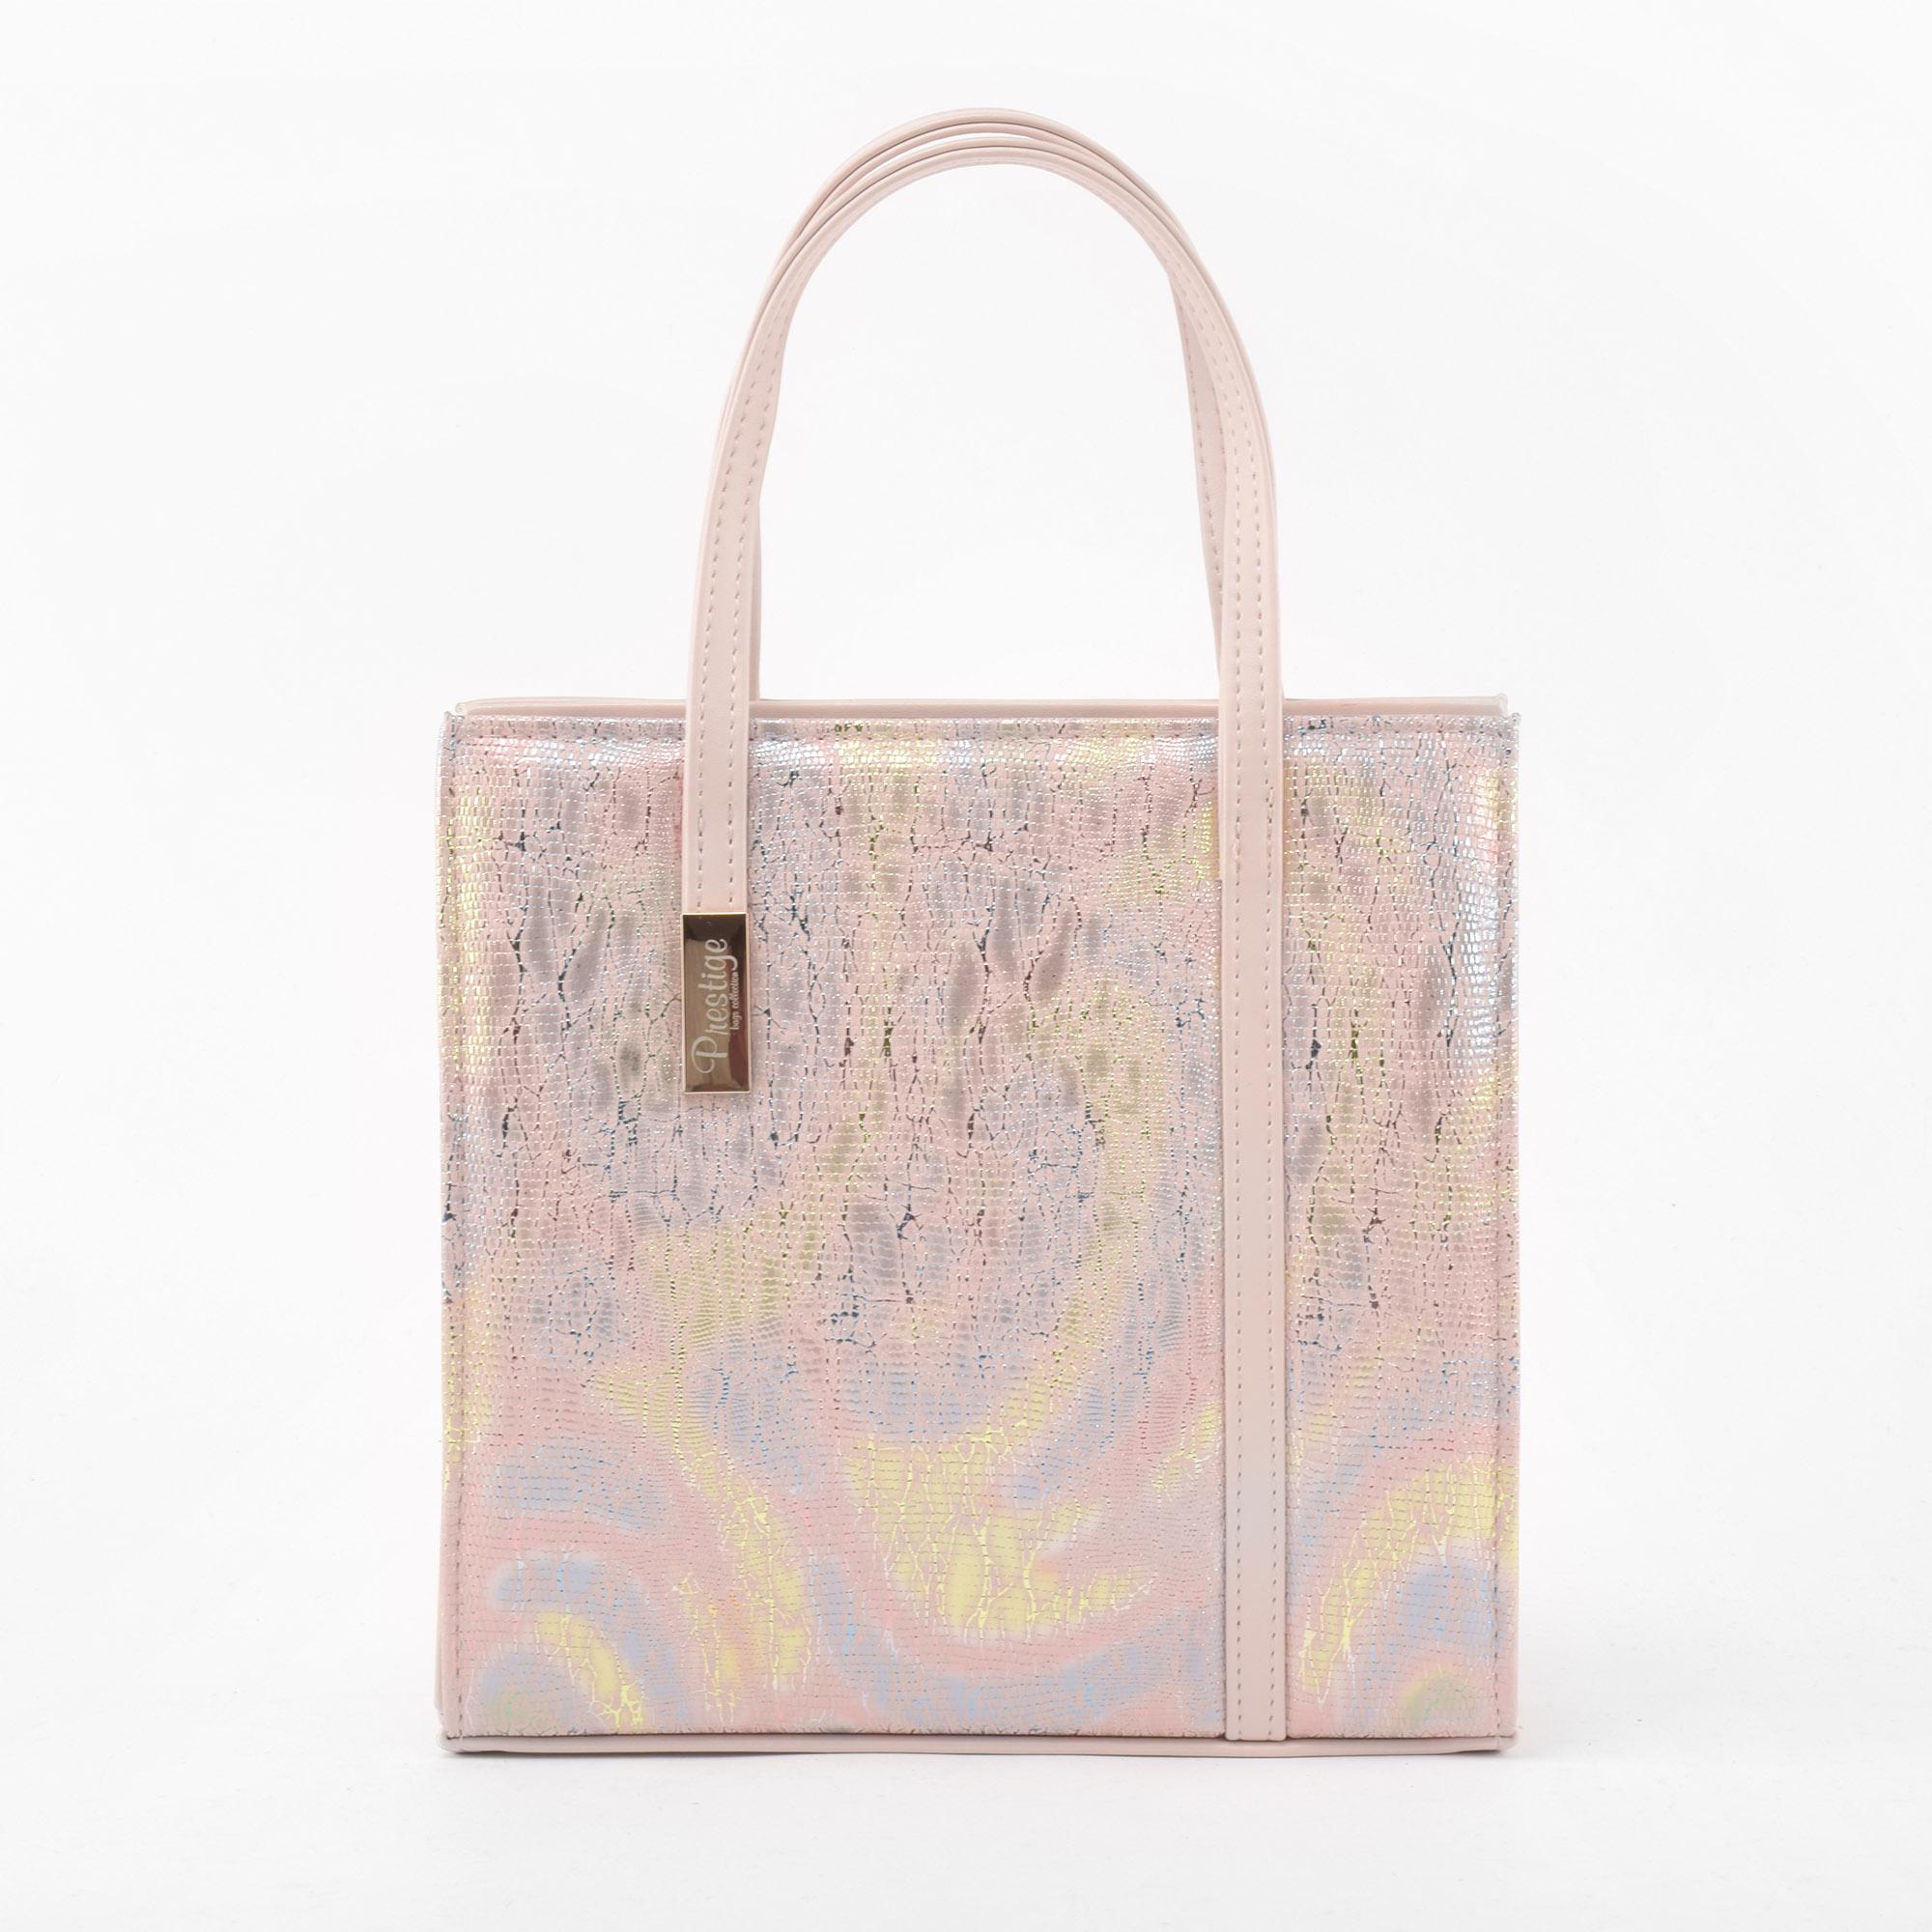 adfd17a5ae8e Prestige Női Rózsaszín és Színesen csillogó Rostbőr Kézitáska - Kézitáskák  - Táska webáruház - Minőségi táskák mindenkinek